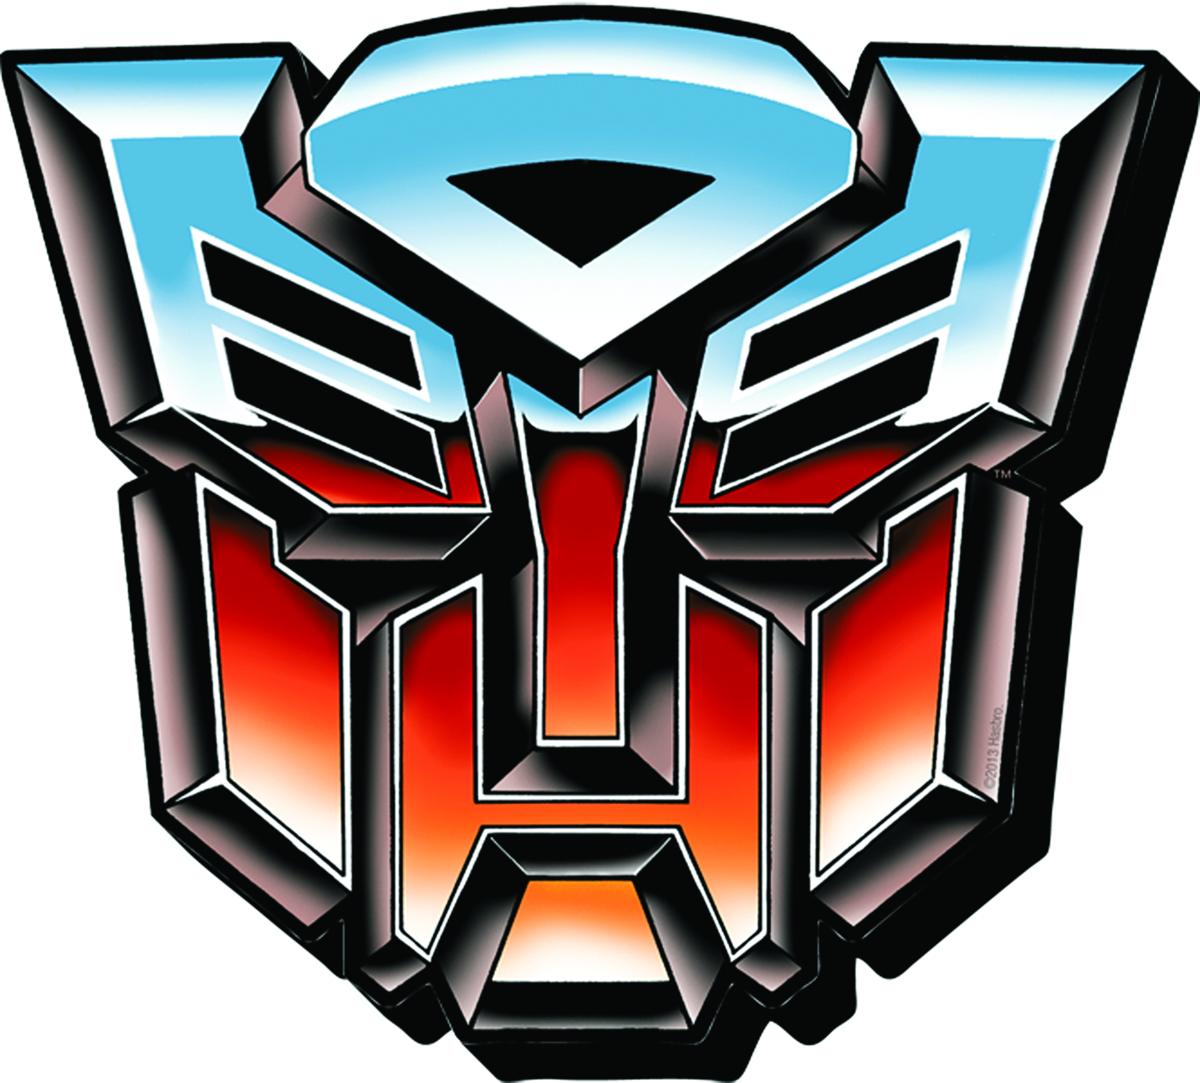 previewsworld transformers autobot logo magnet  c 1 1 2 google calendar icon vector calendar icon vector free